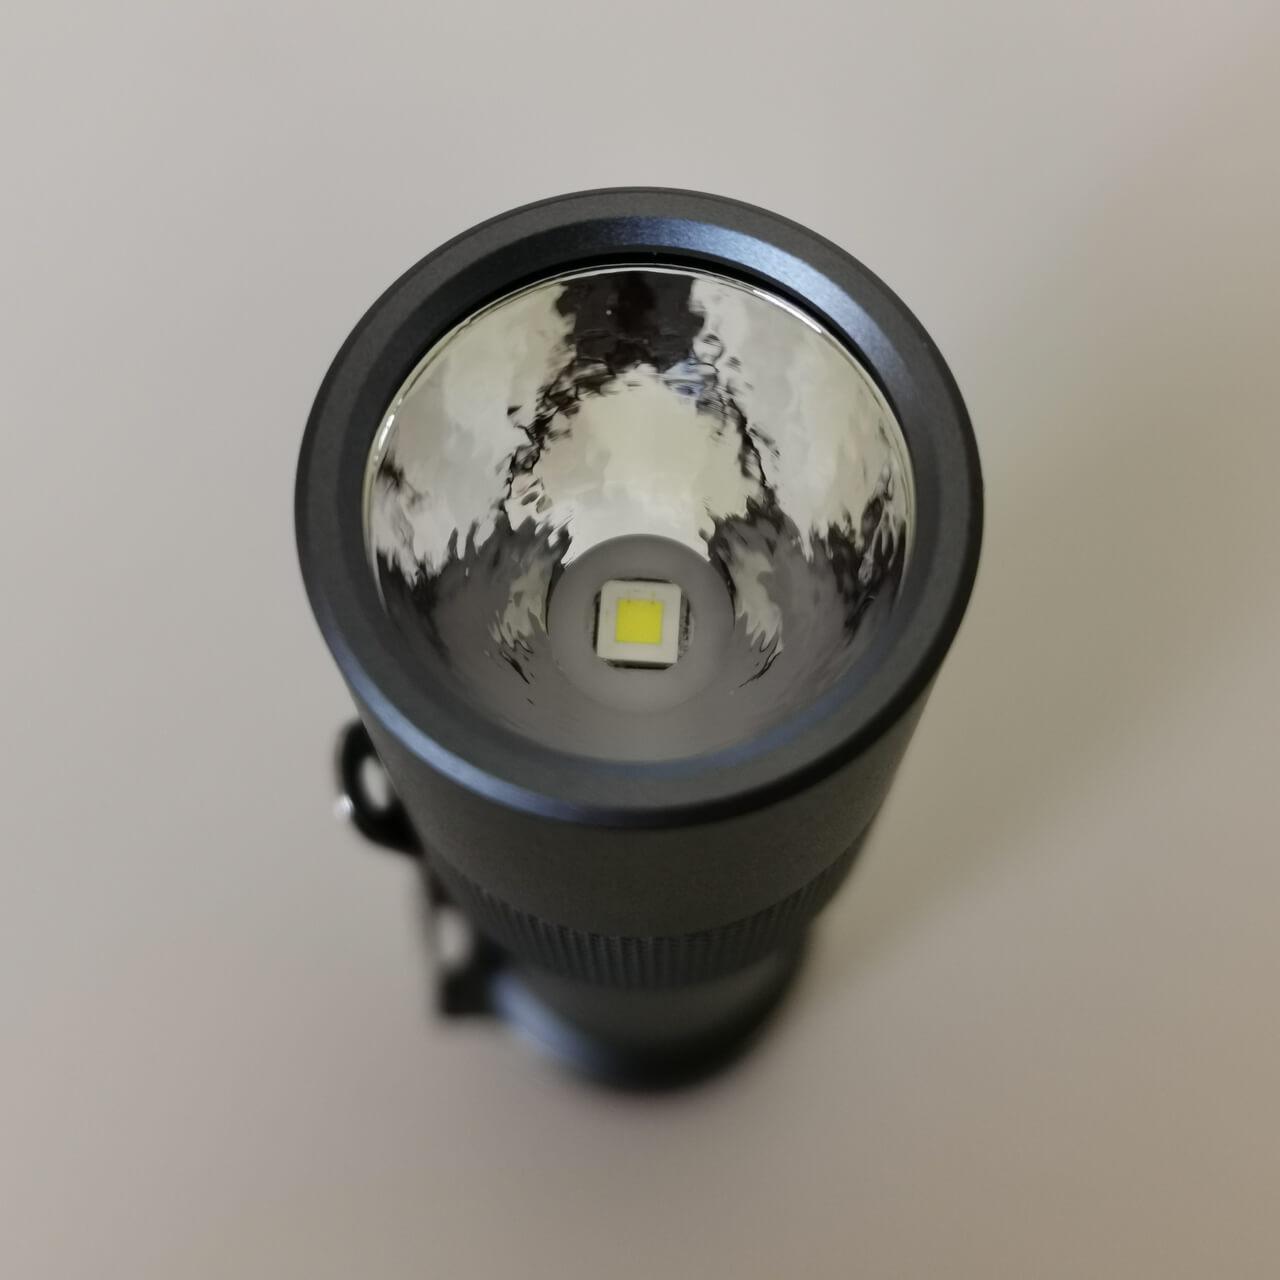 FW1A Reflector